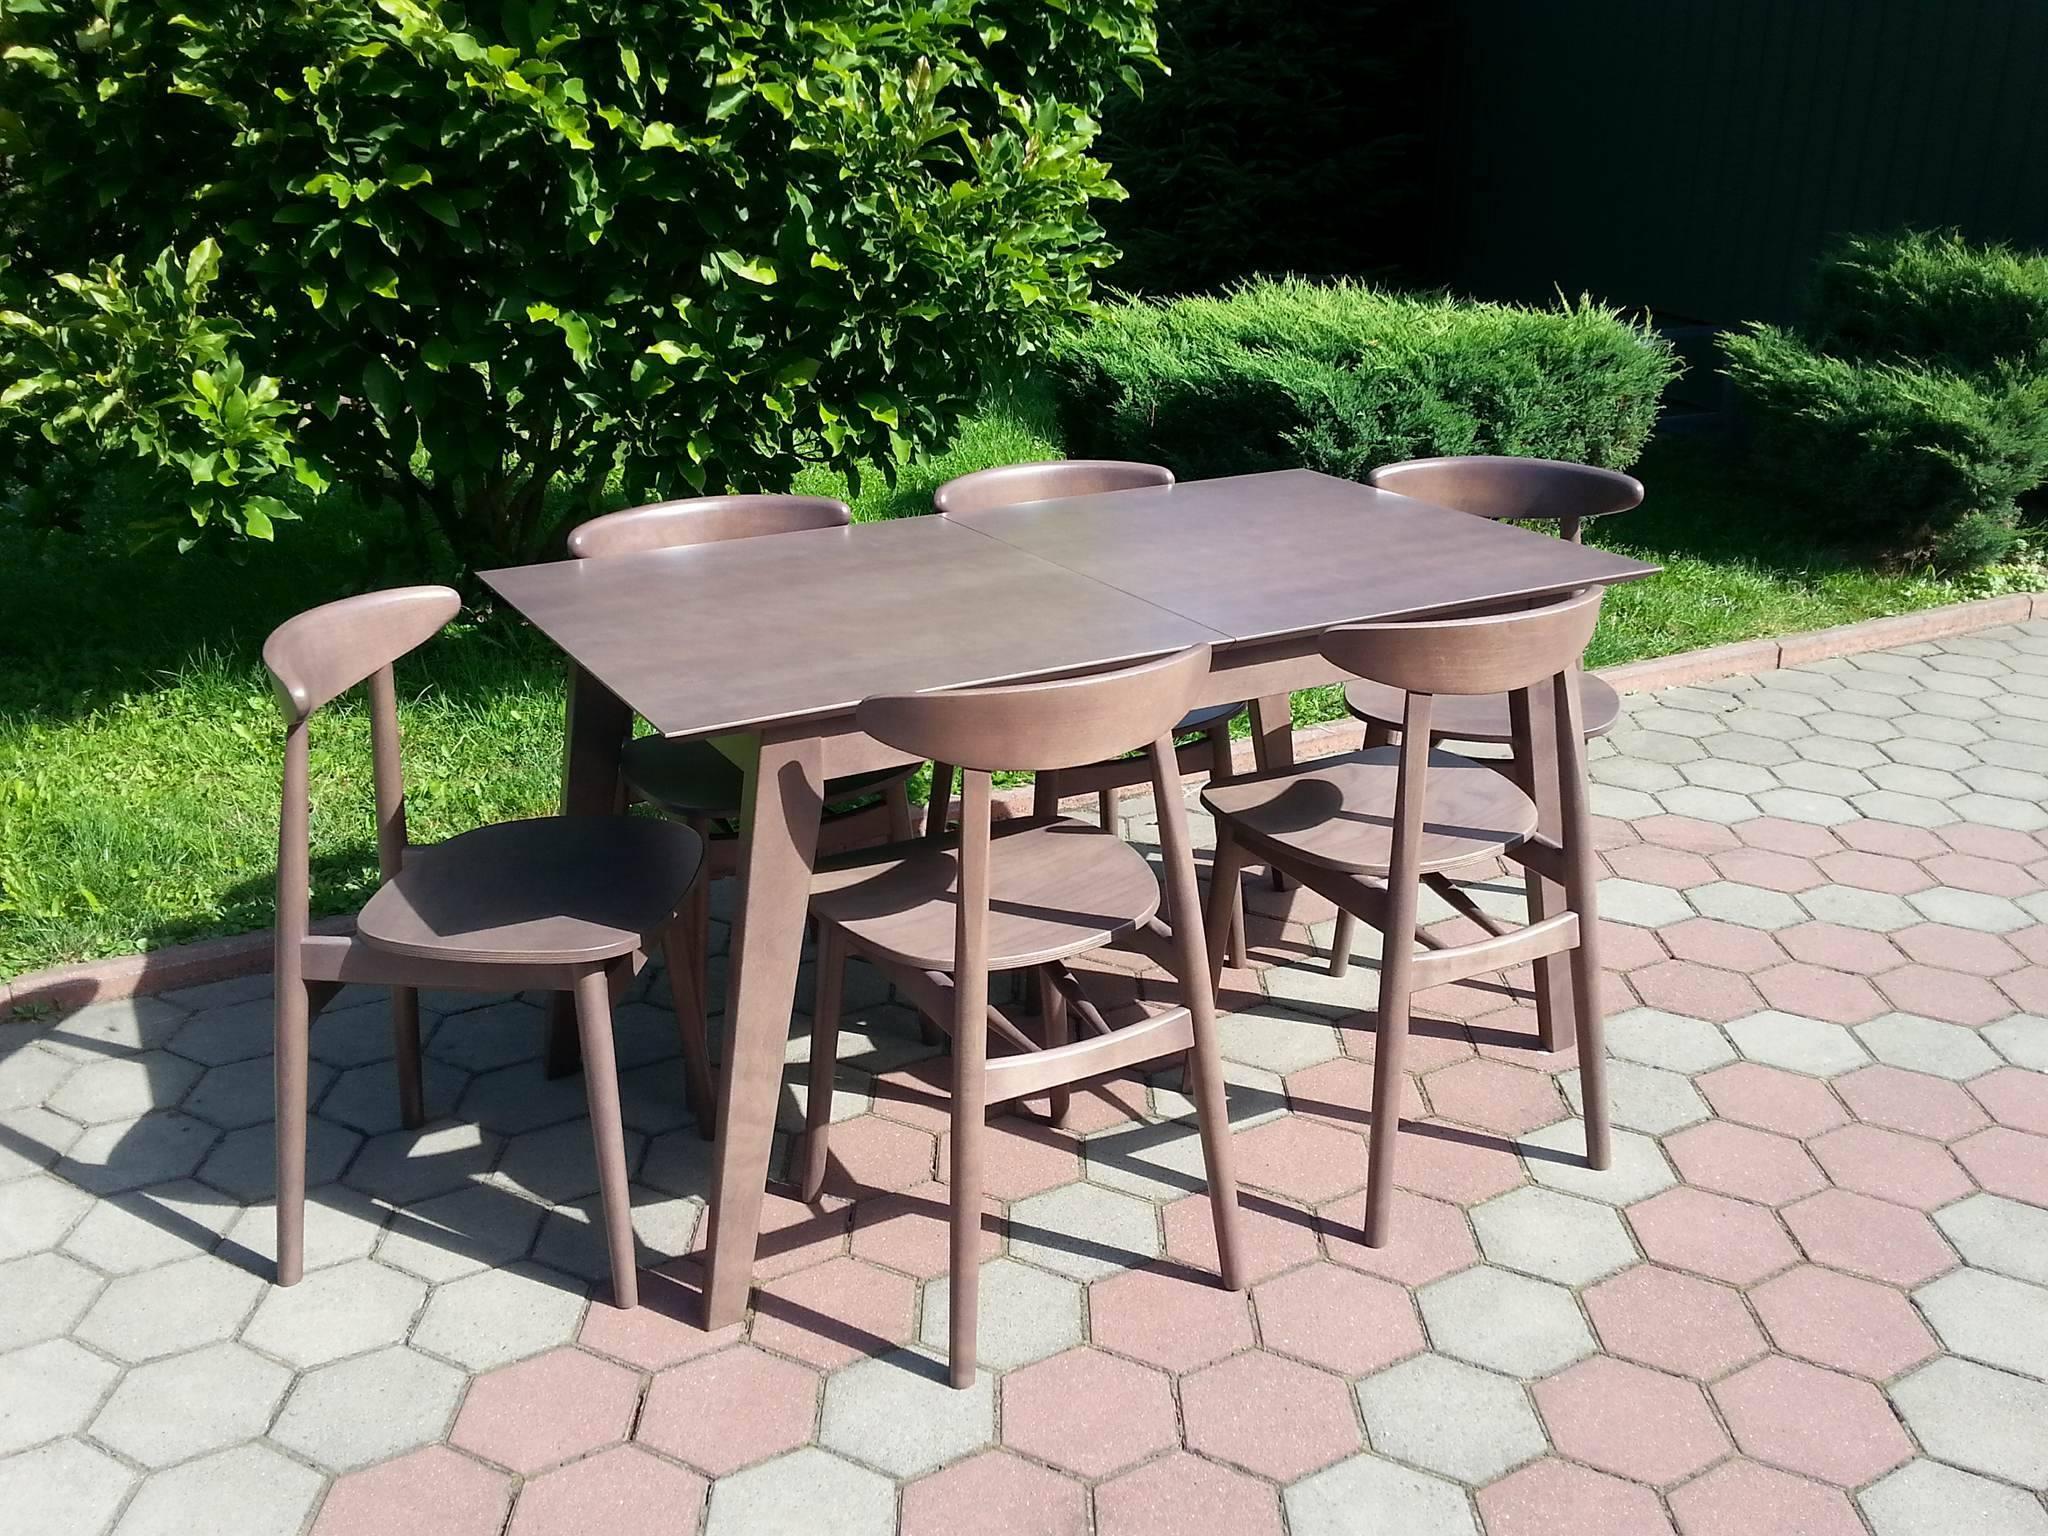 Stół drewniany + krzesła, komplet KIKI